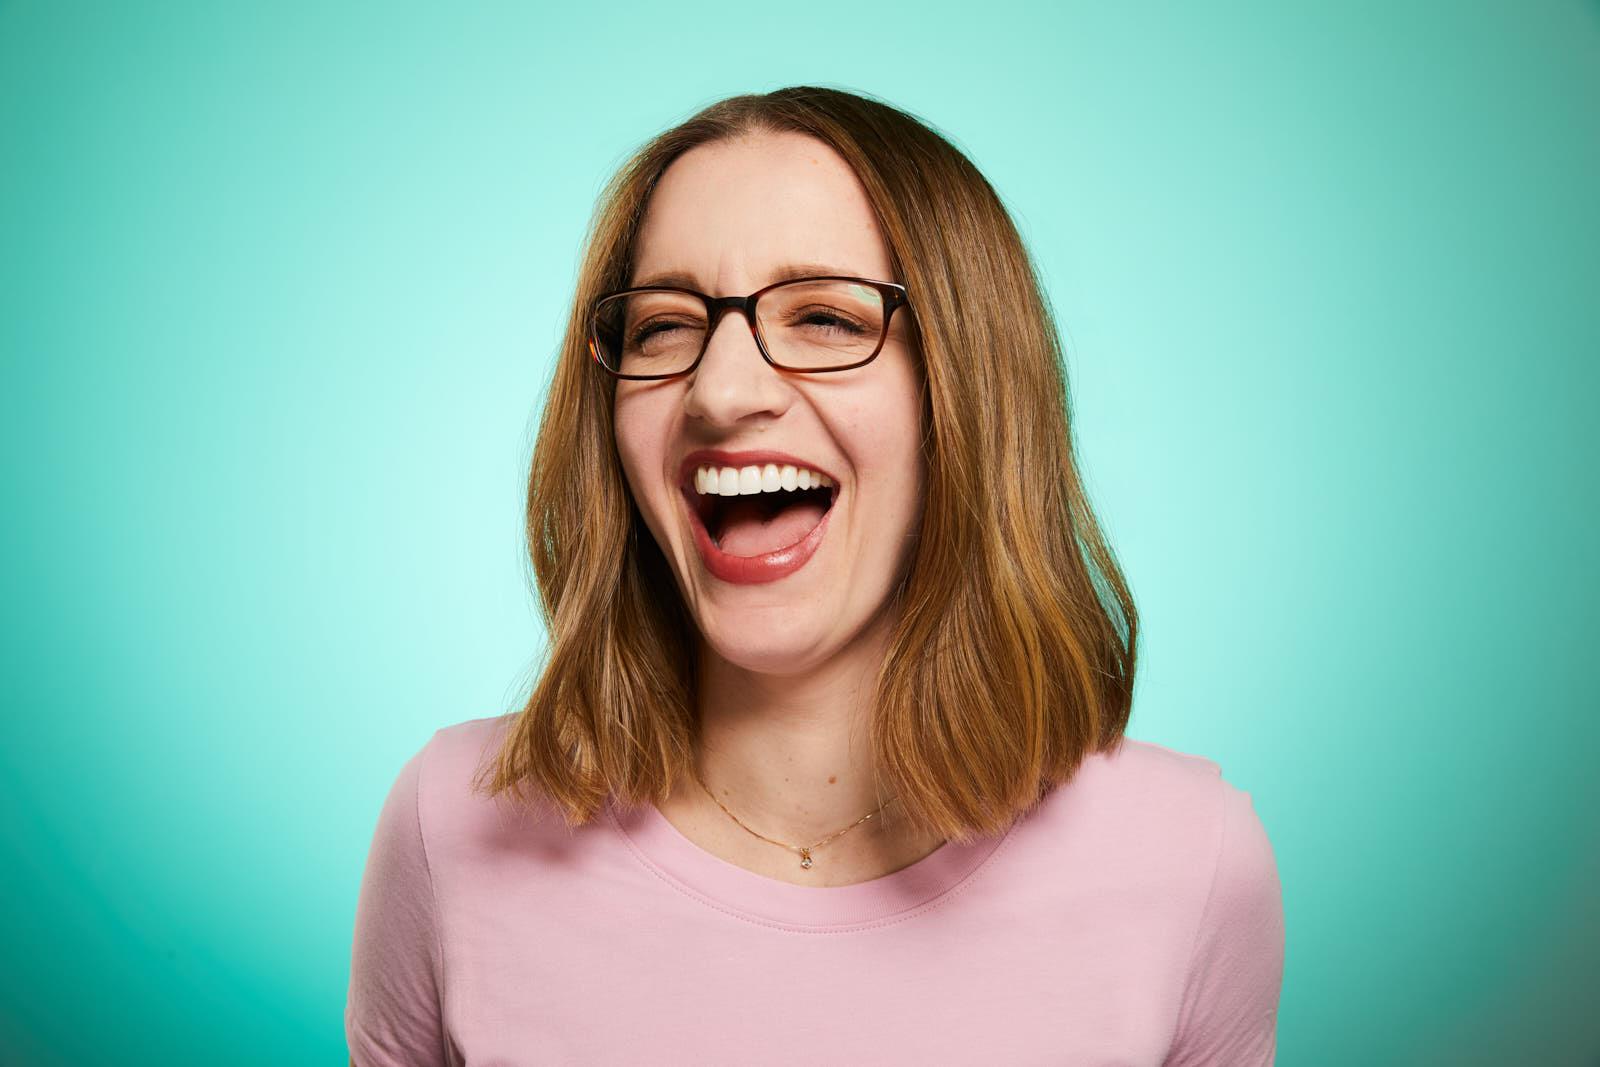 Misty Stinnett Podcast Host